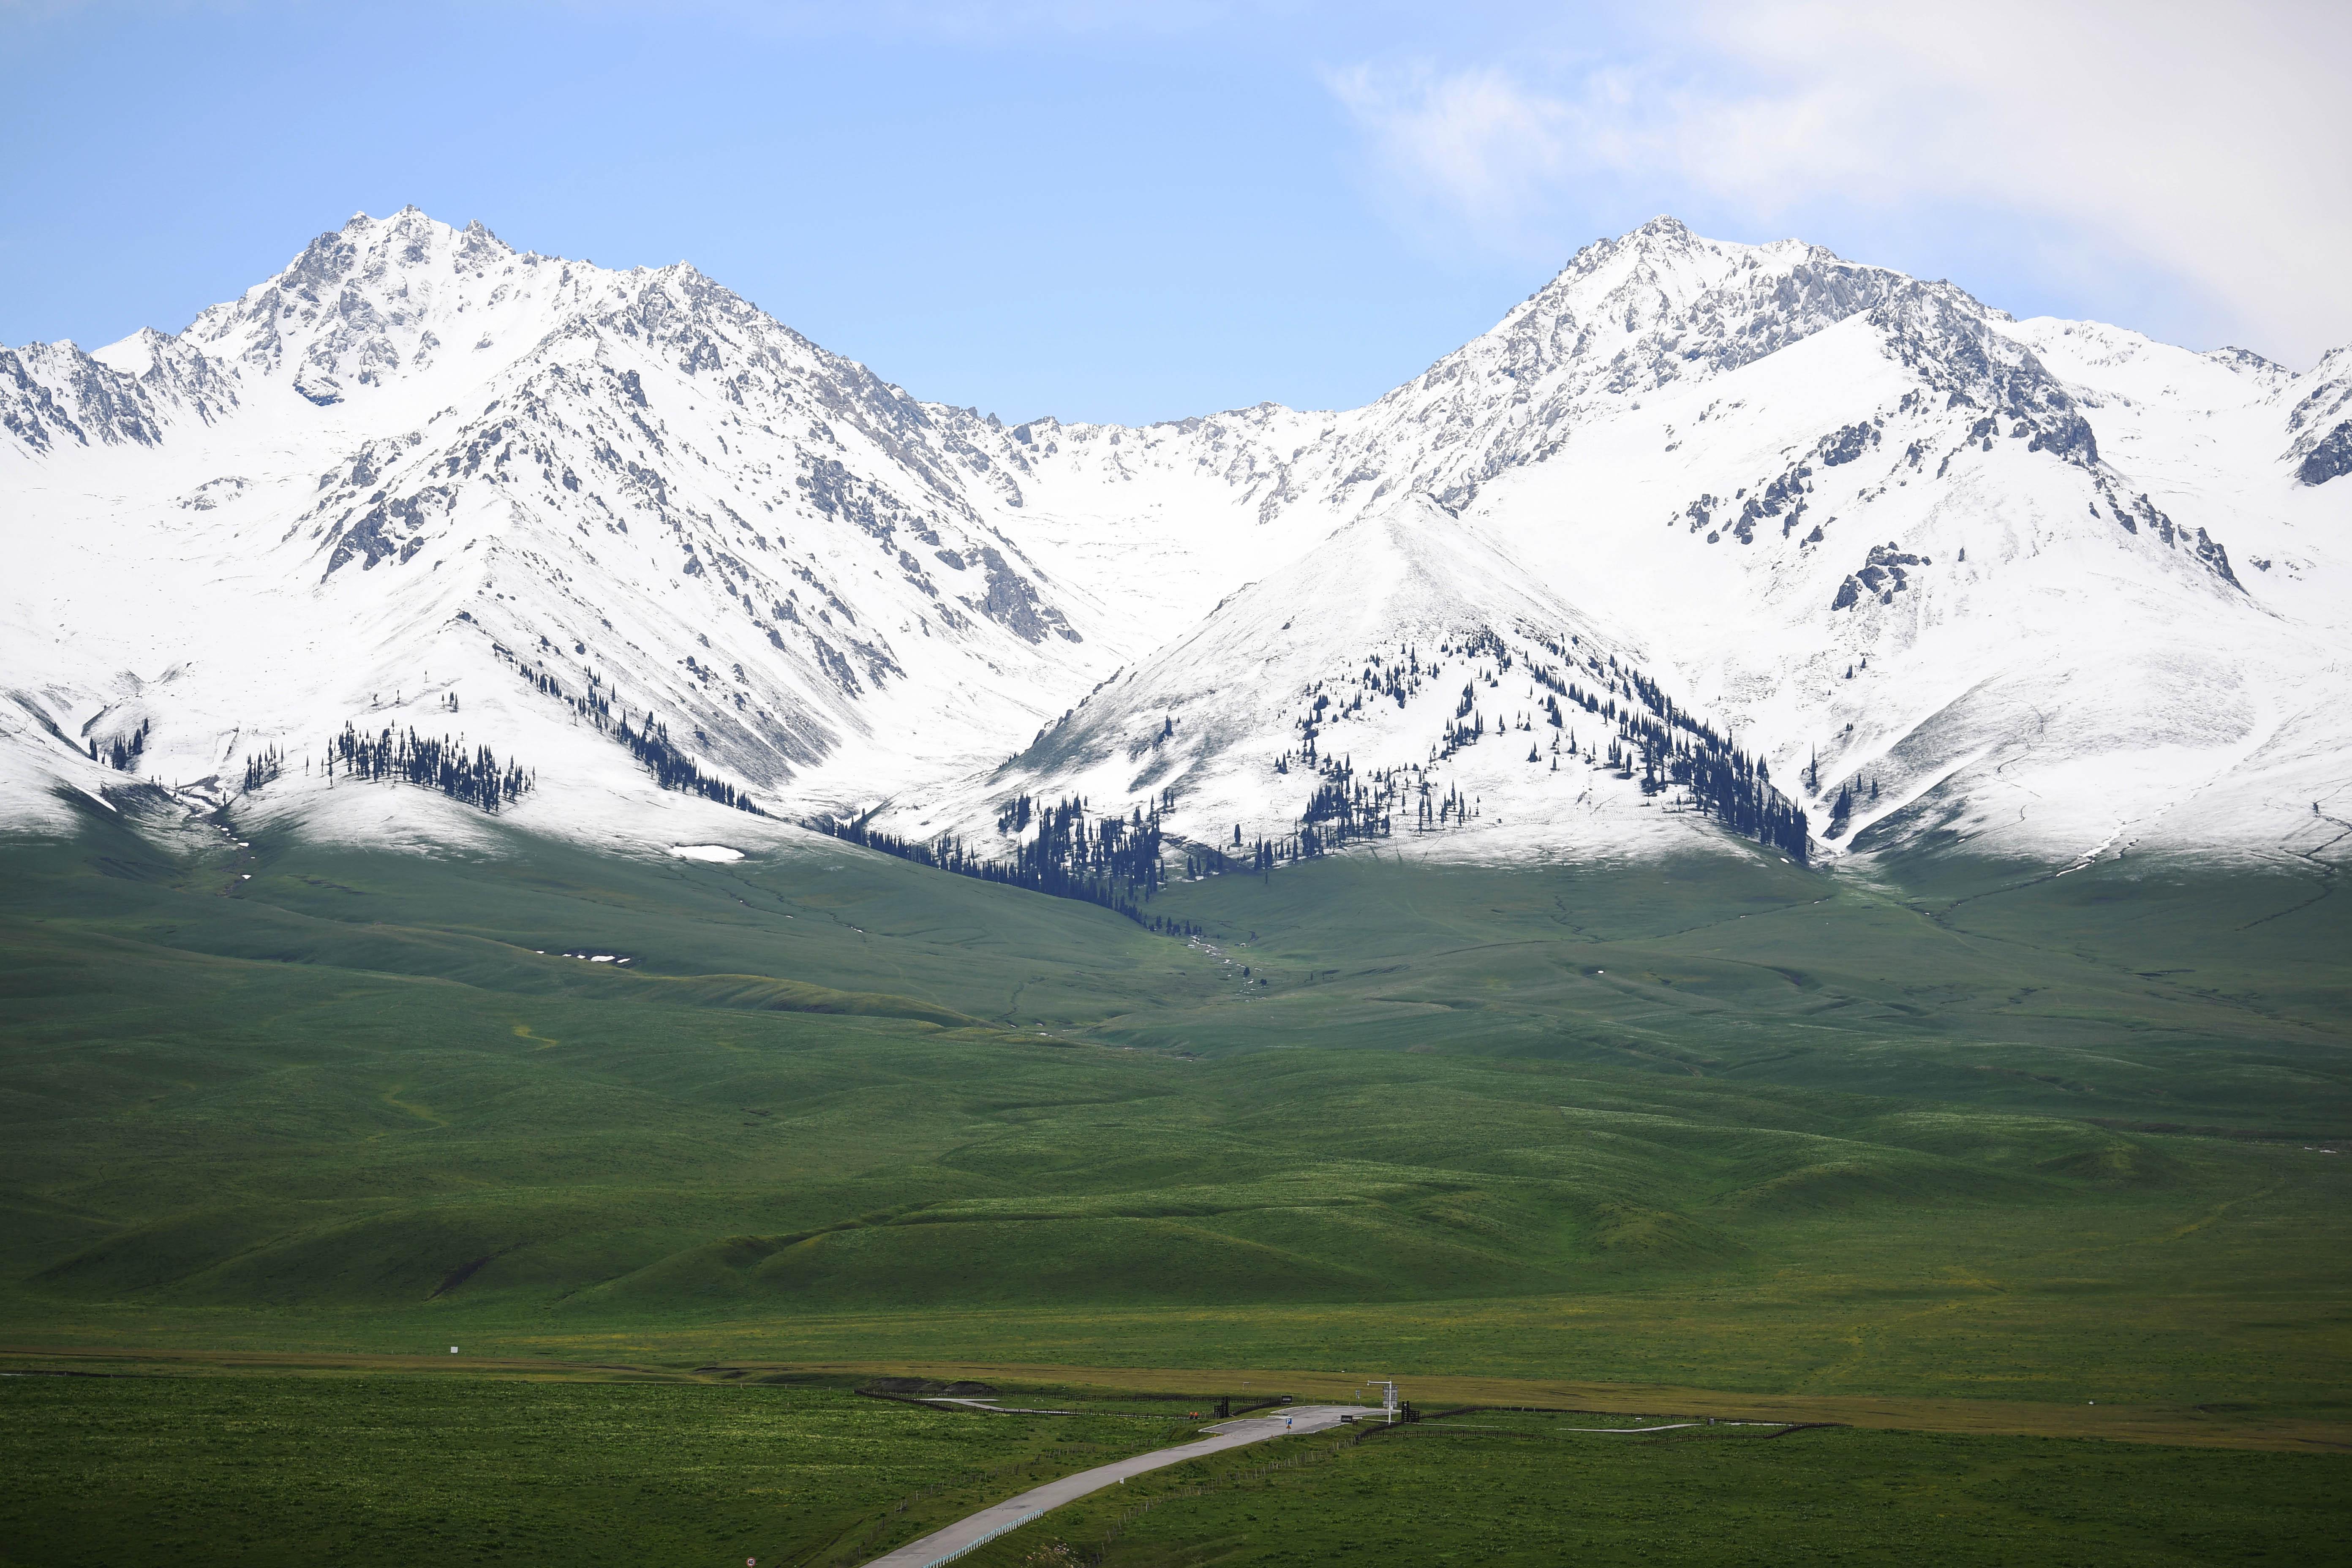 「空中草原」ナラティ、観光客に人気 新疆ウイグル自治区